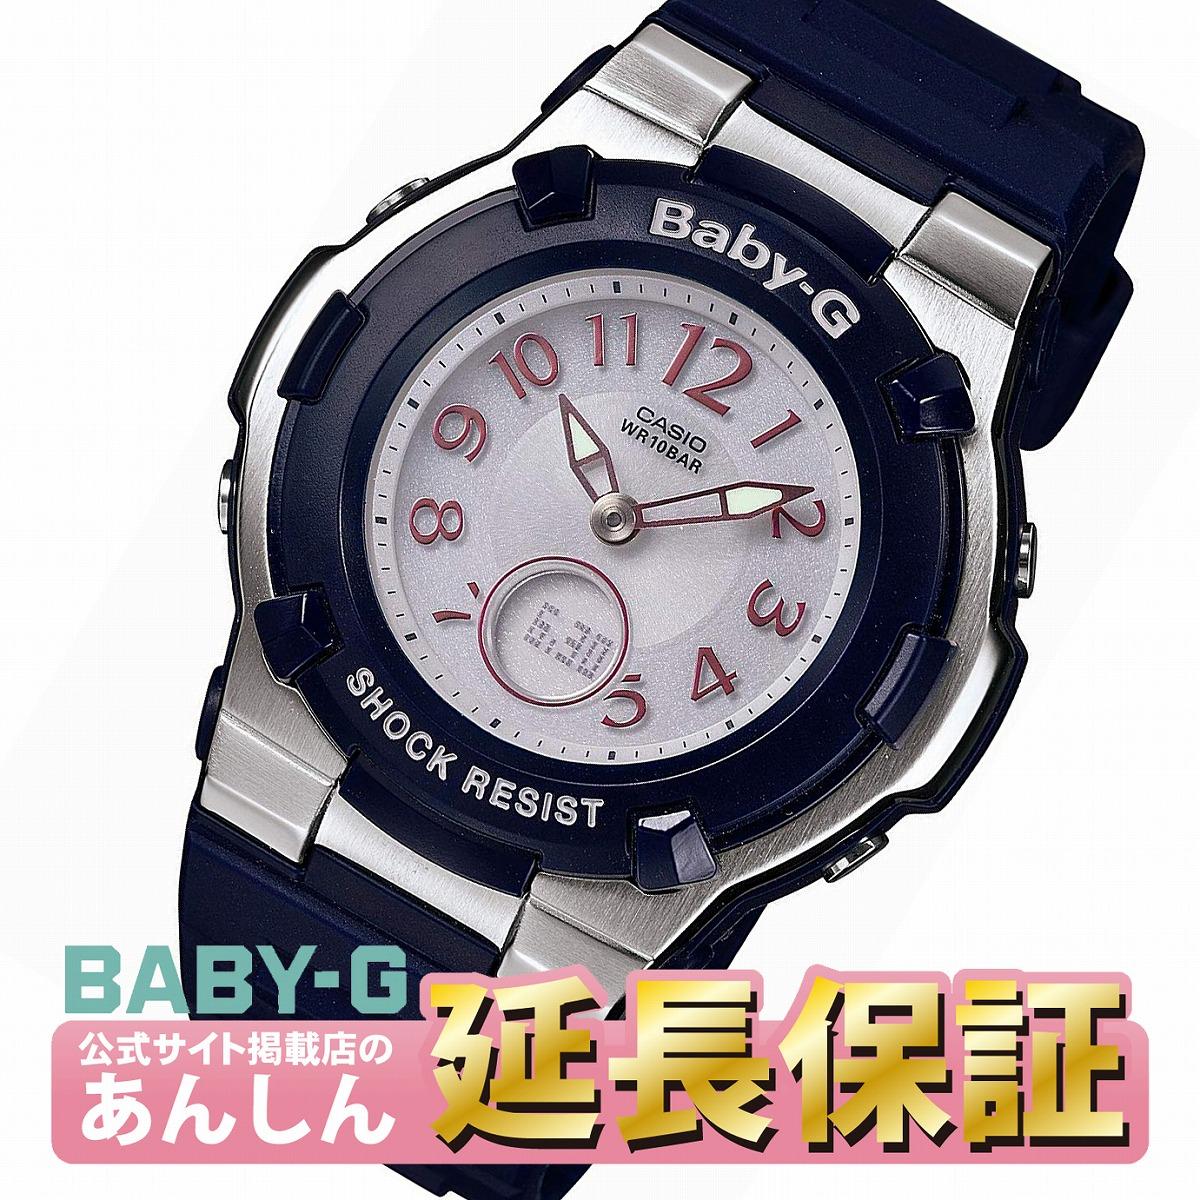 カシオ ベビーG BGA-1100-2BJF 電波 ソーラー 時計 レディース 腕時計 電波時計 ネイビー BABY-G【店頭受取対応商品】